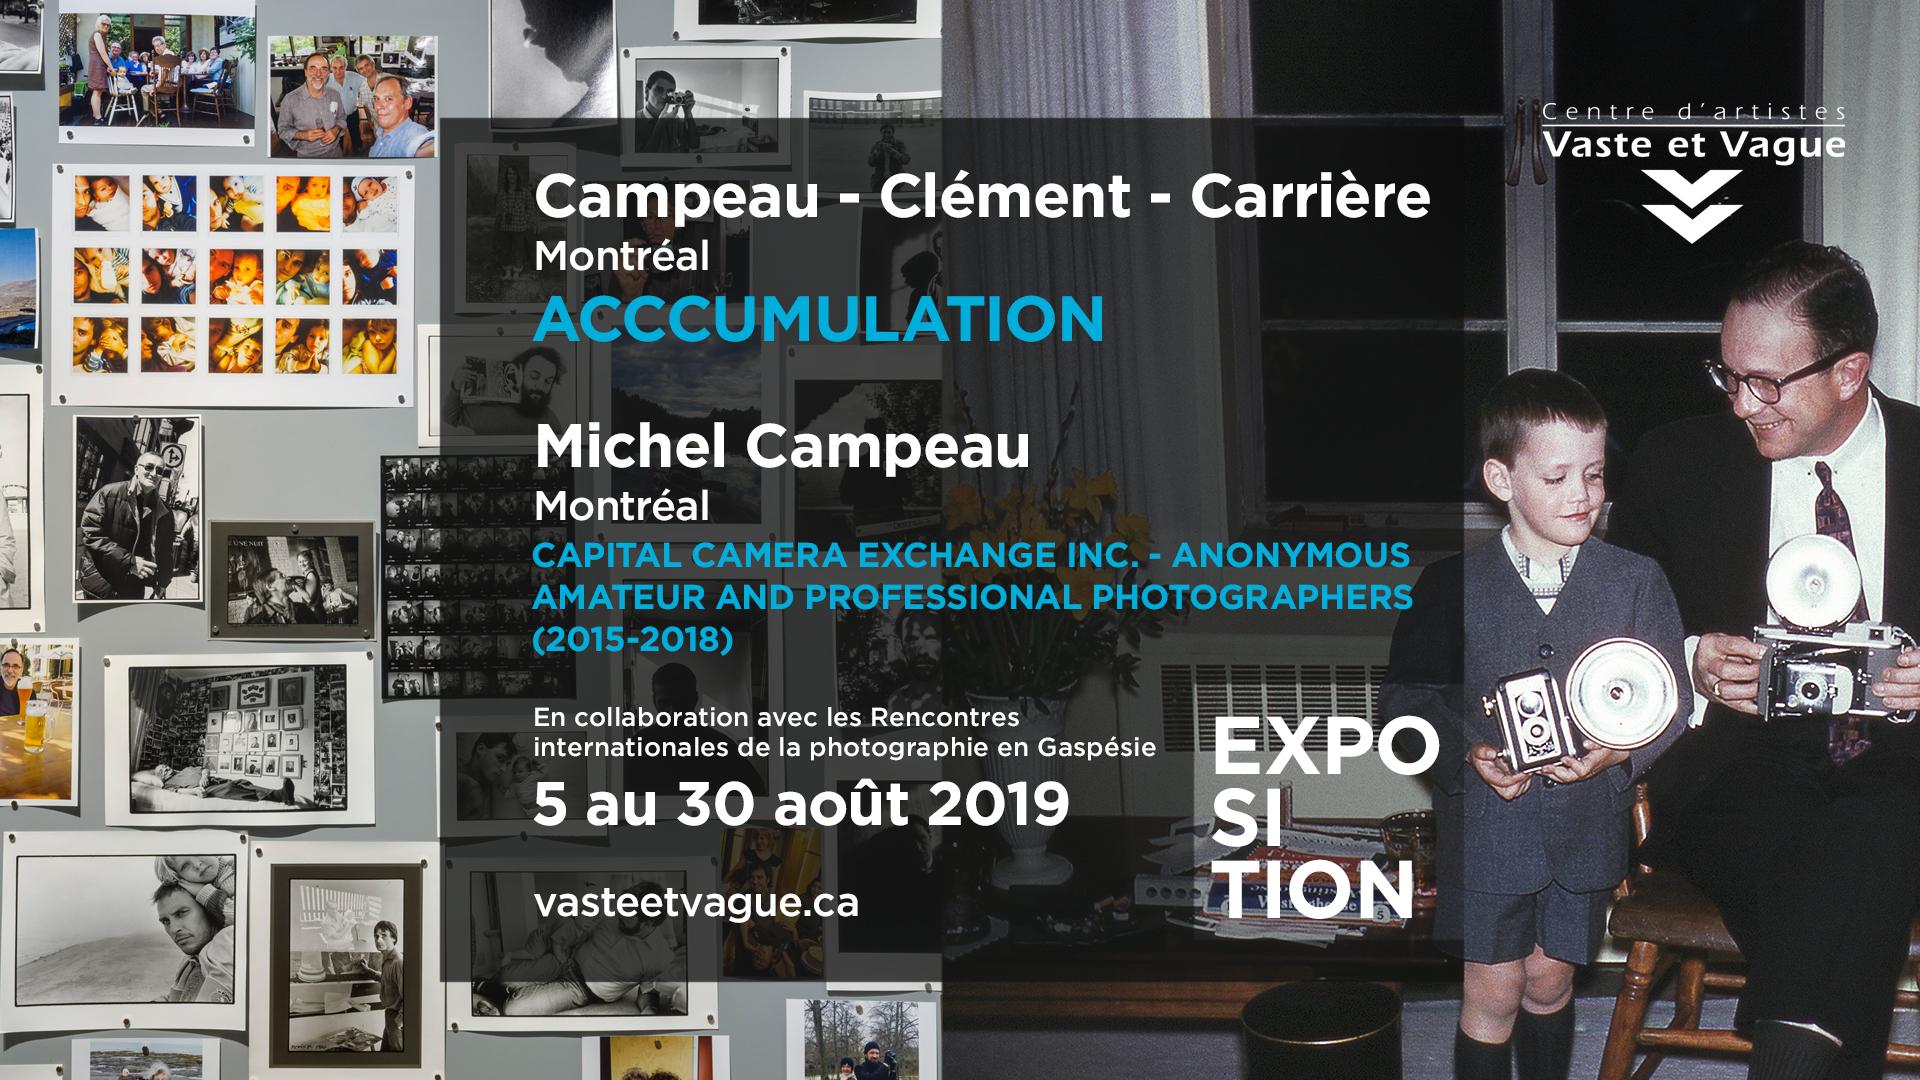 CAMPEAU – CLÉMENT – CARRIÈRE | Rencontres internationales de la photographie en Gaspésie 2019